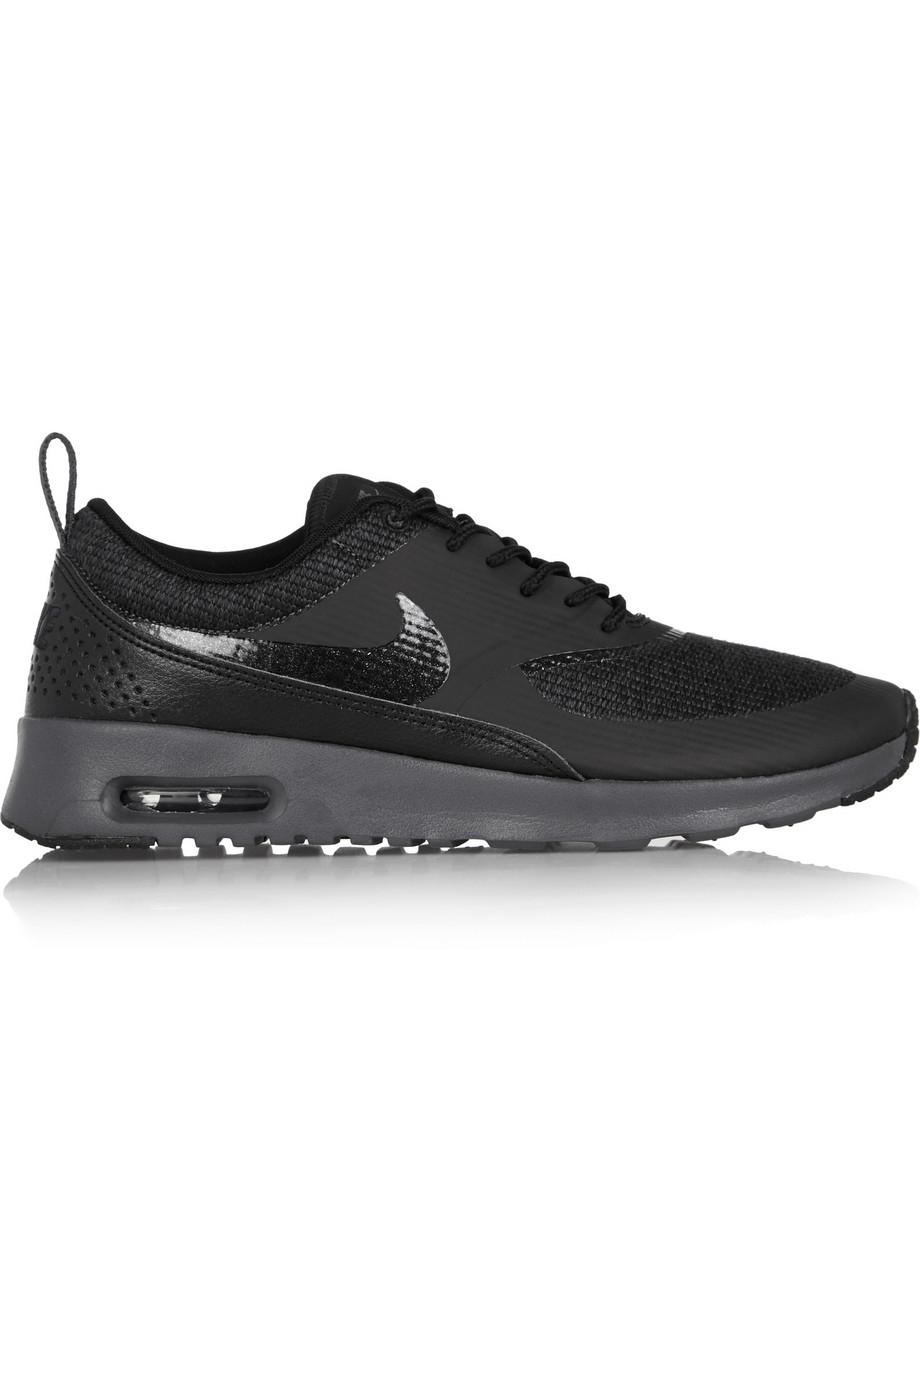 John Lewis Nike Shoes